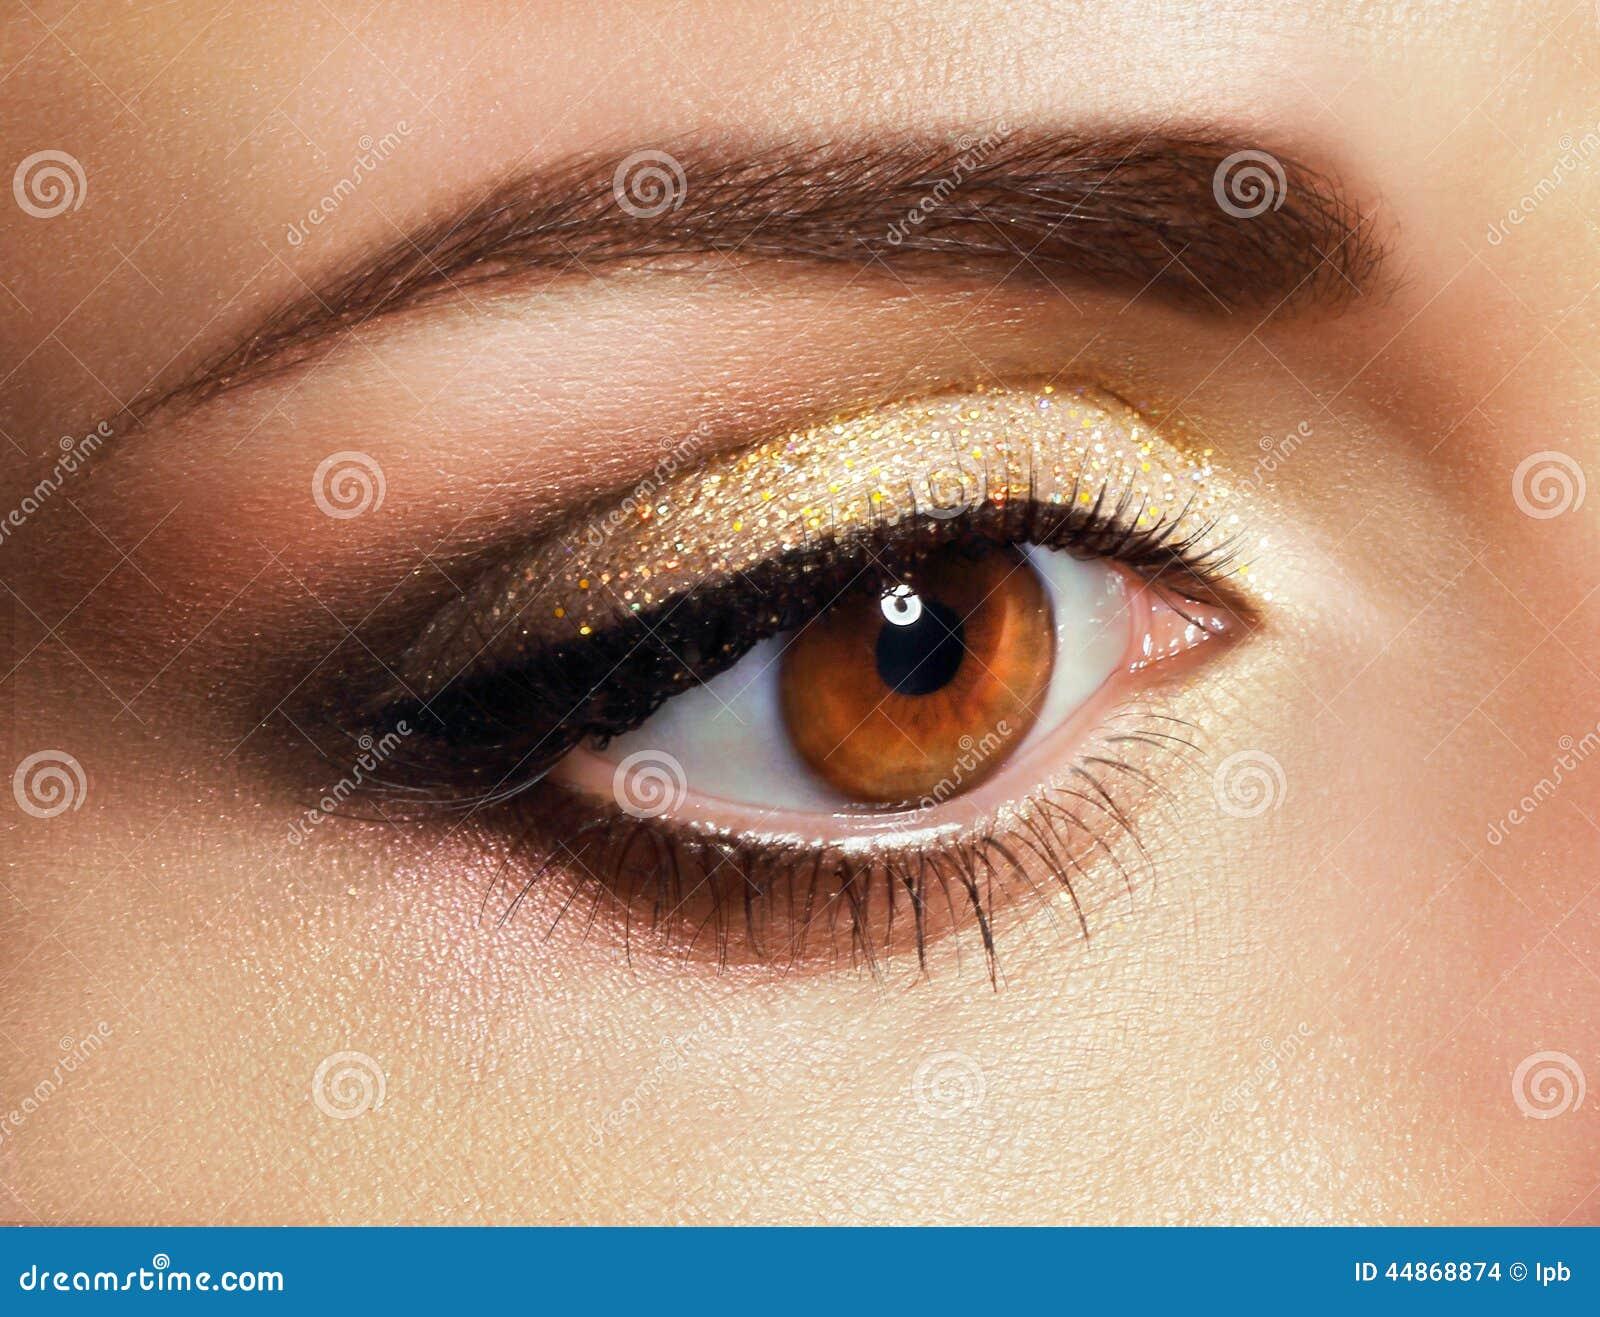 Mascara Slut upp kvinnas öga med guld- ögonskugga